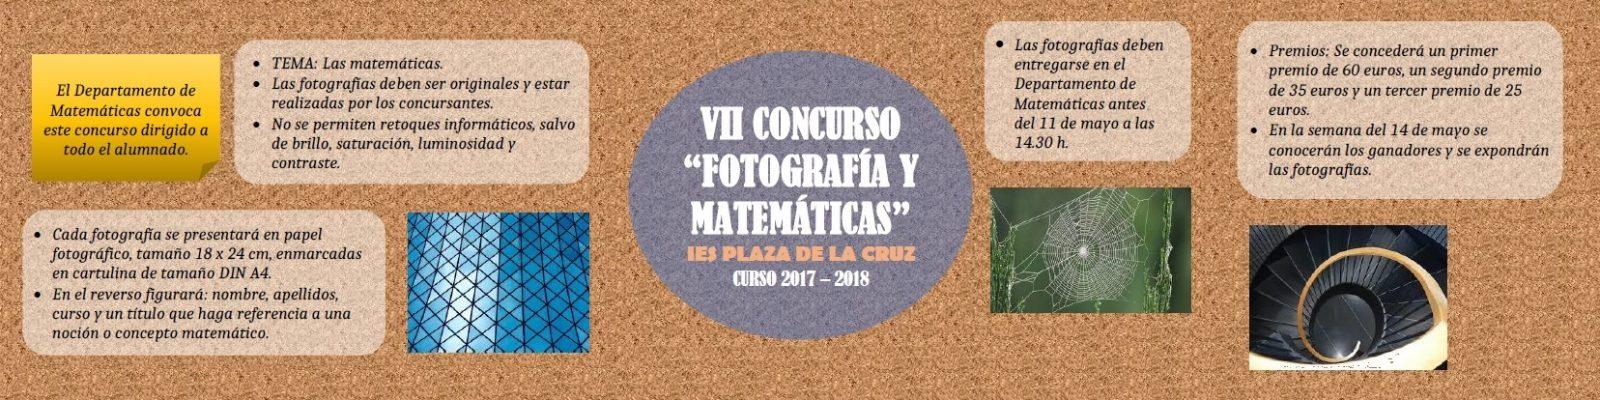 """VII Concurso """"Fotografía y matemáticas"""" para ALUMNADO, PROFESORADO Y PERSONAL DEL CENTRO"""